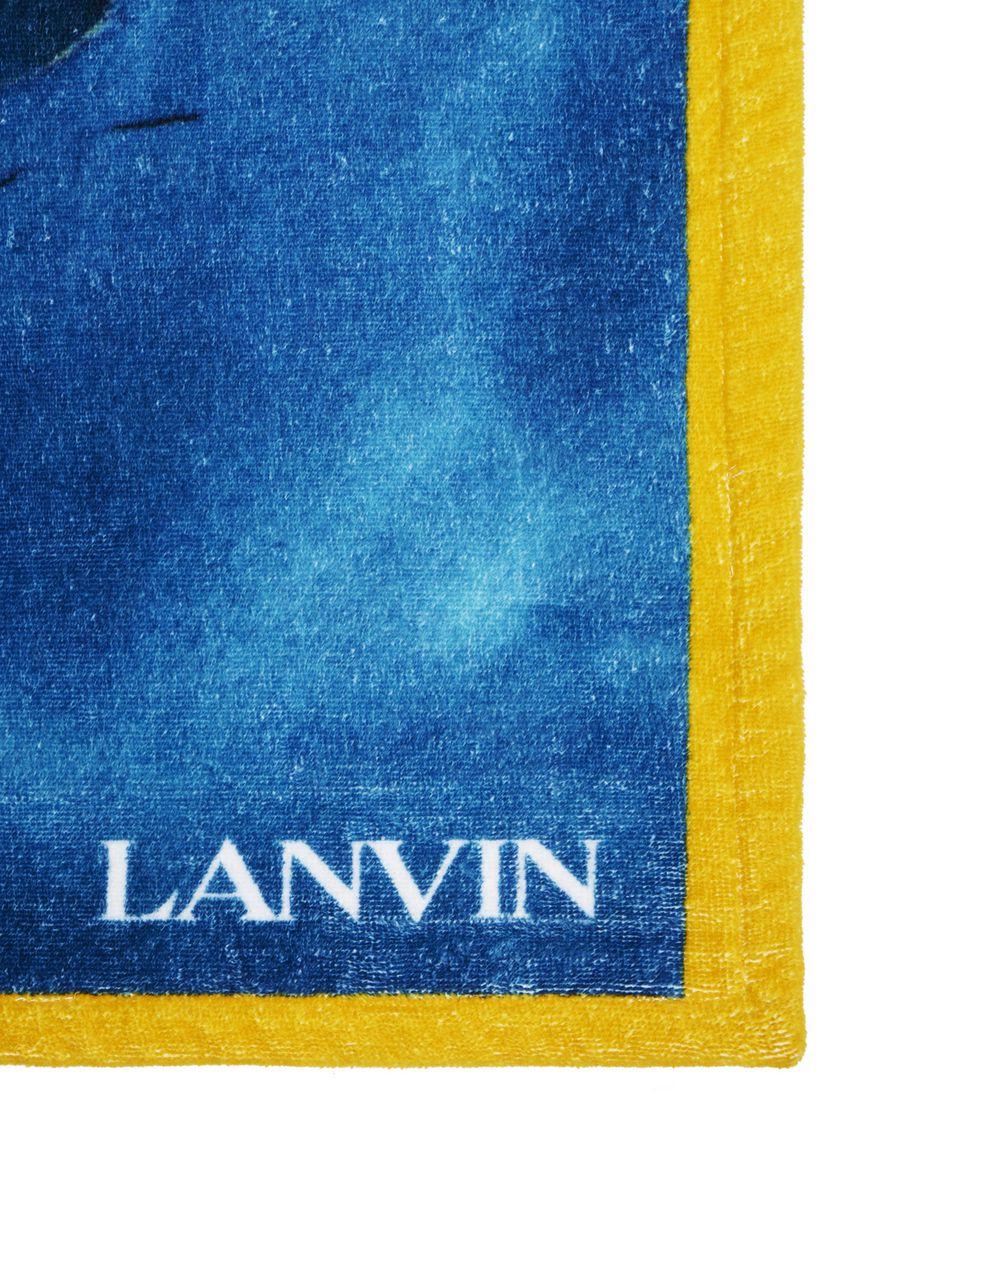 BABAR BATH TOWEL - Lanvin